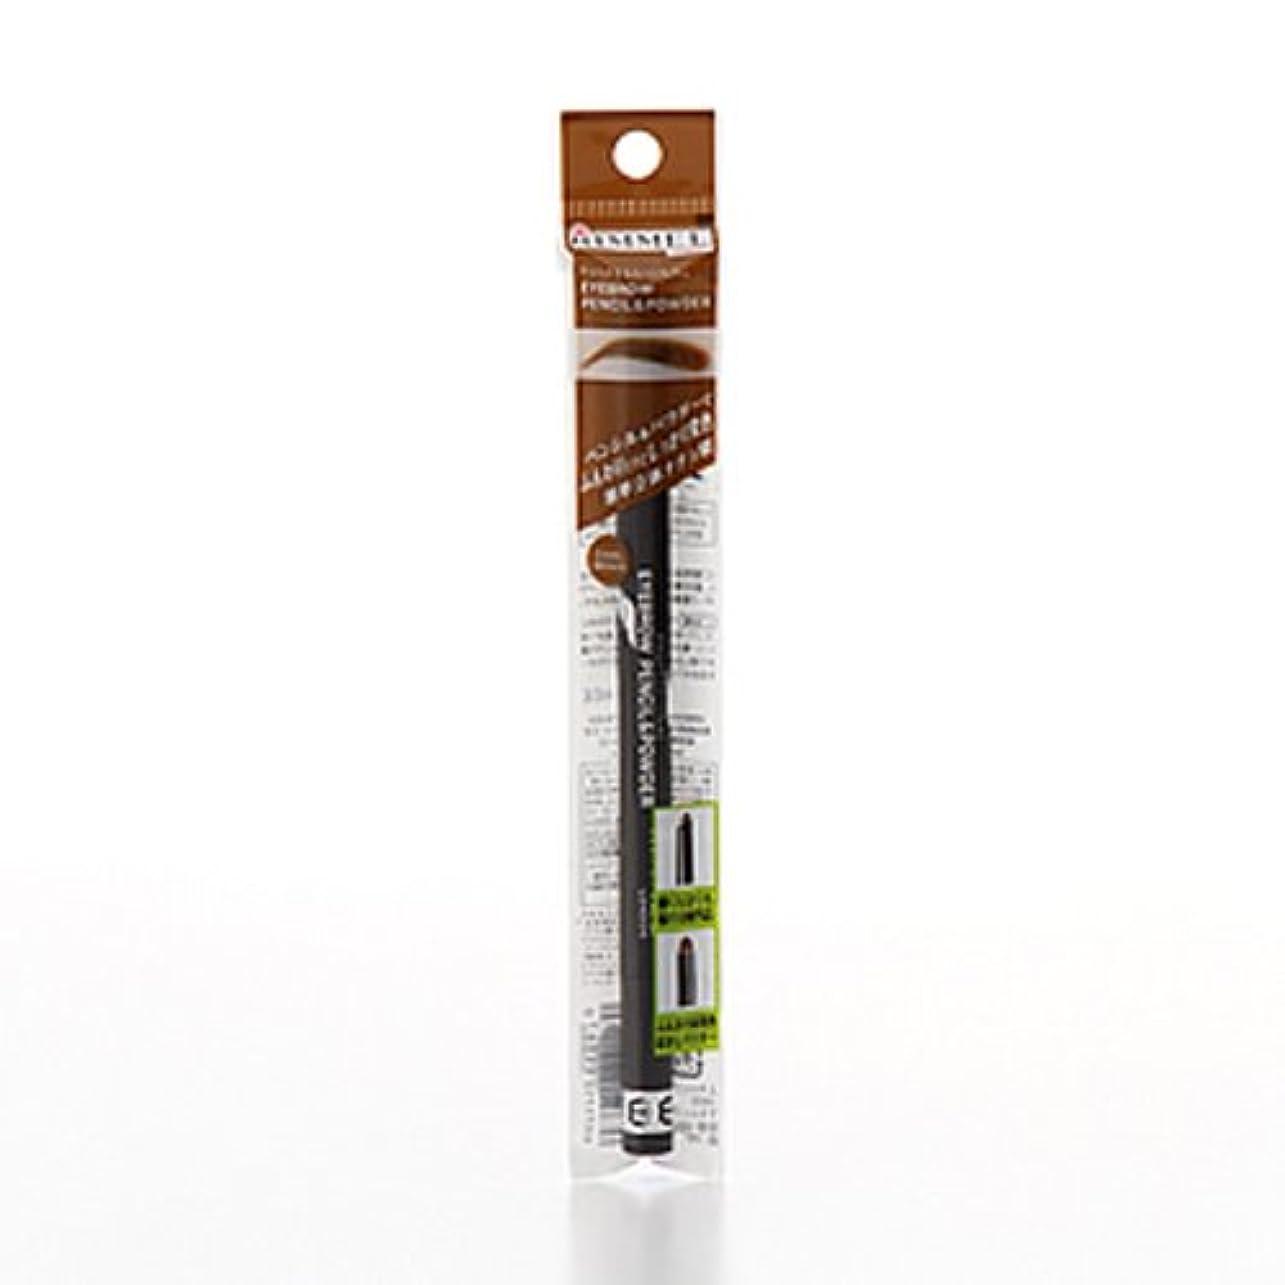 リンメル プロフェッショナル アイブロウ ペンシル&パウダー 002 キャメルブラウン 0.8g